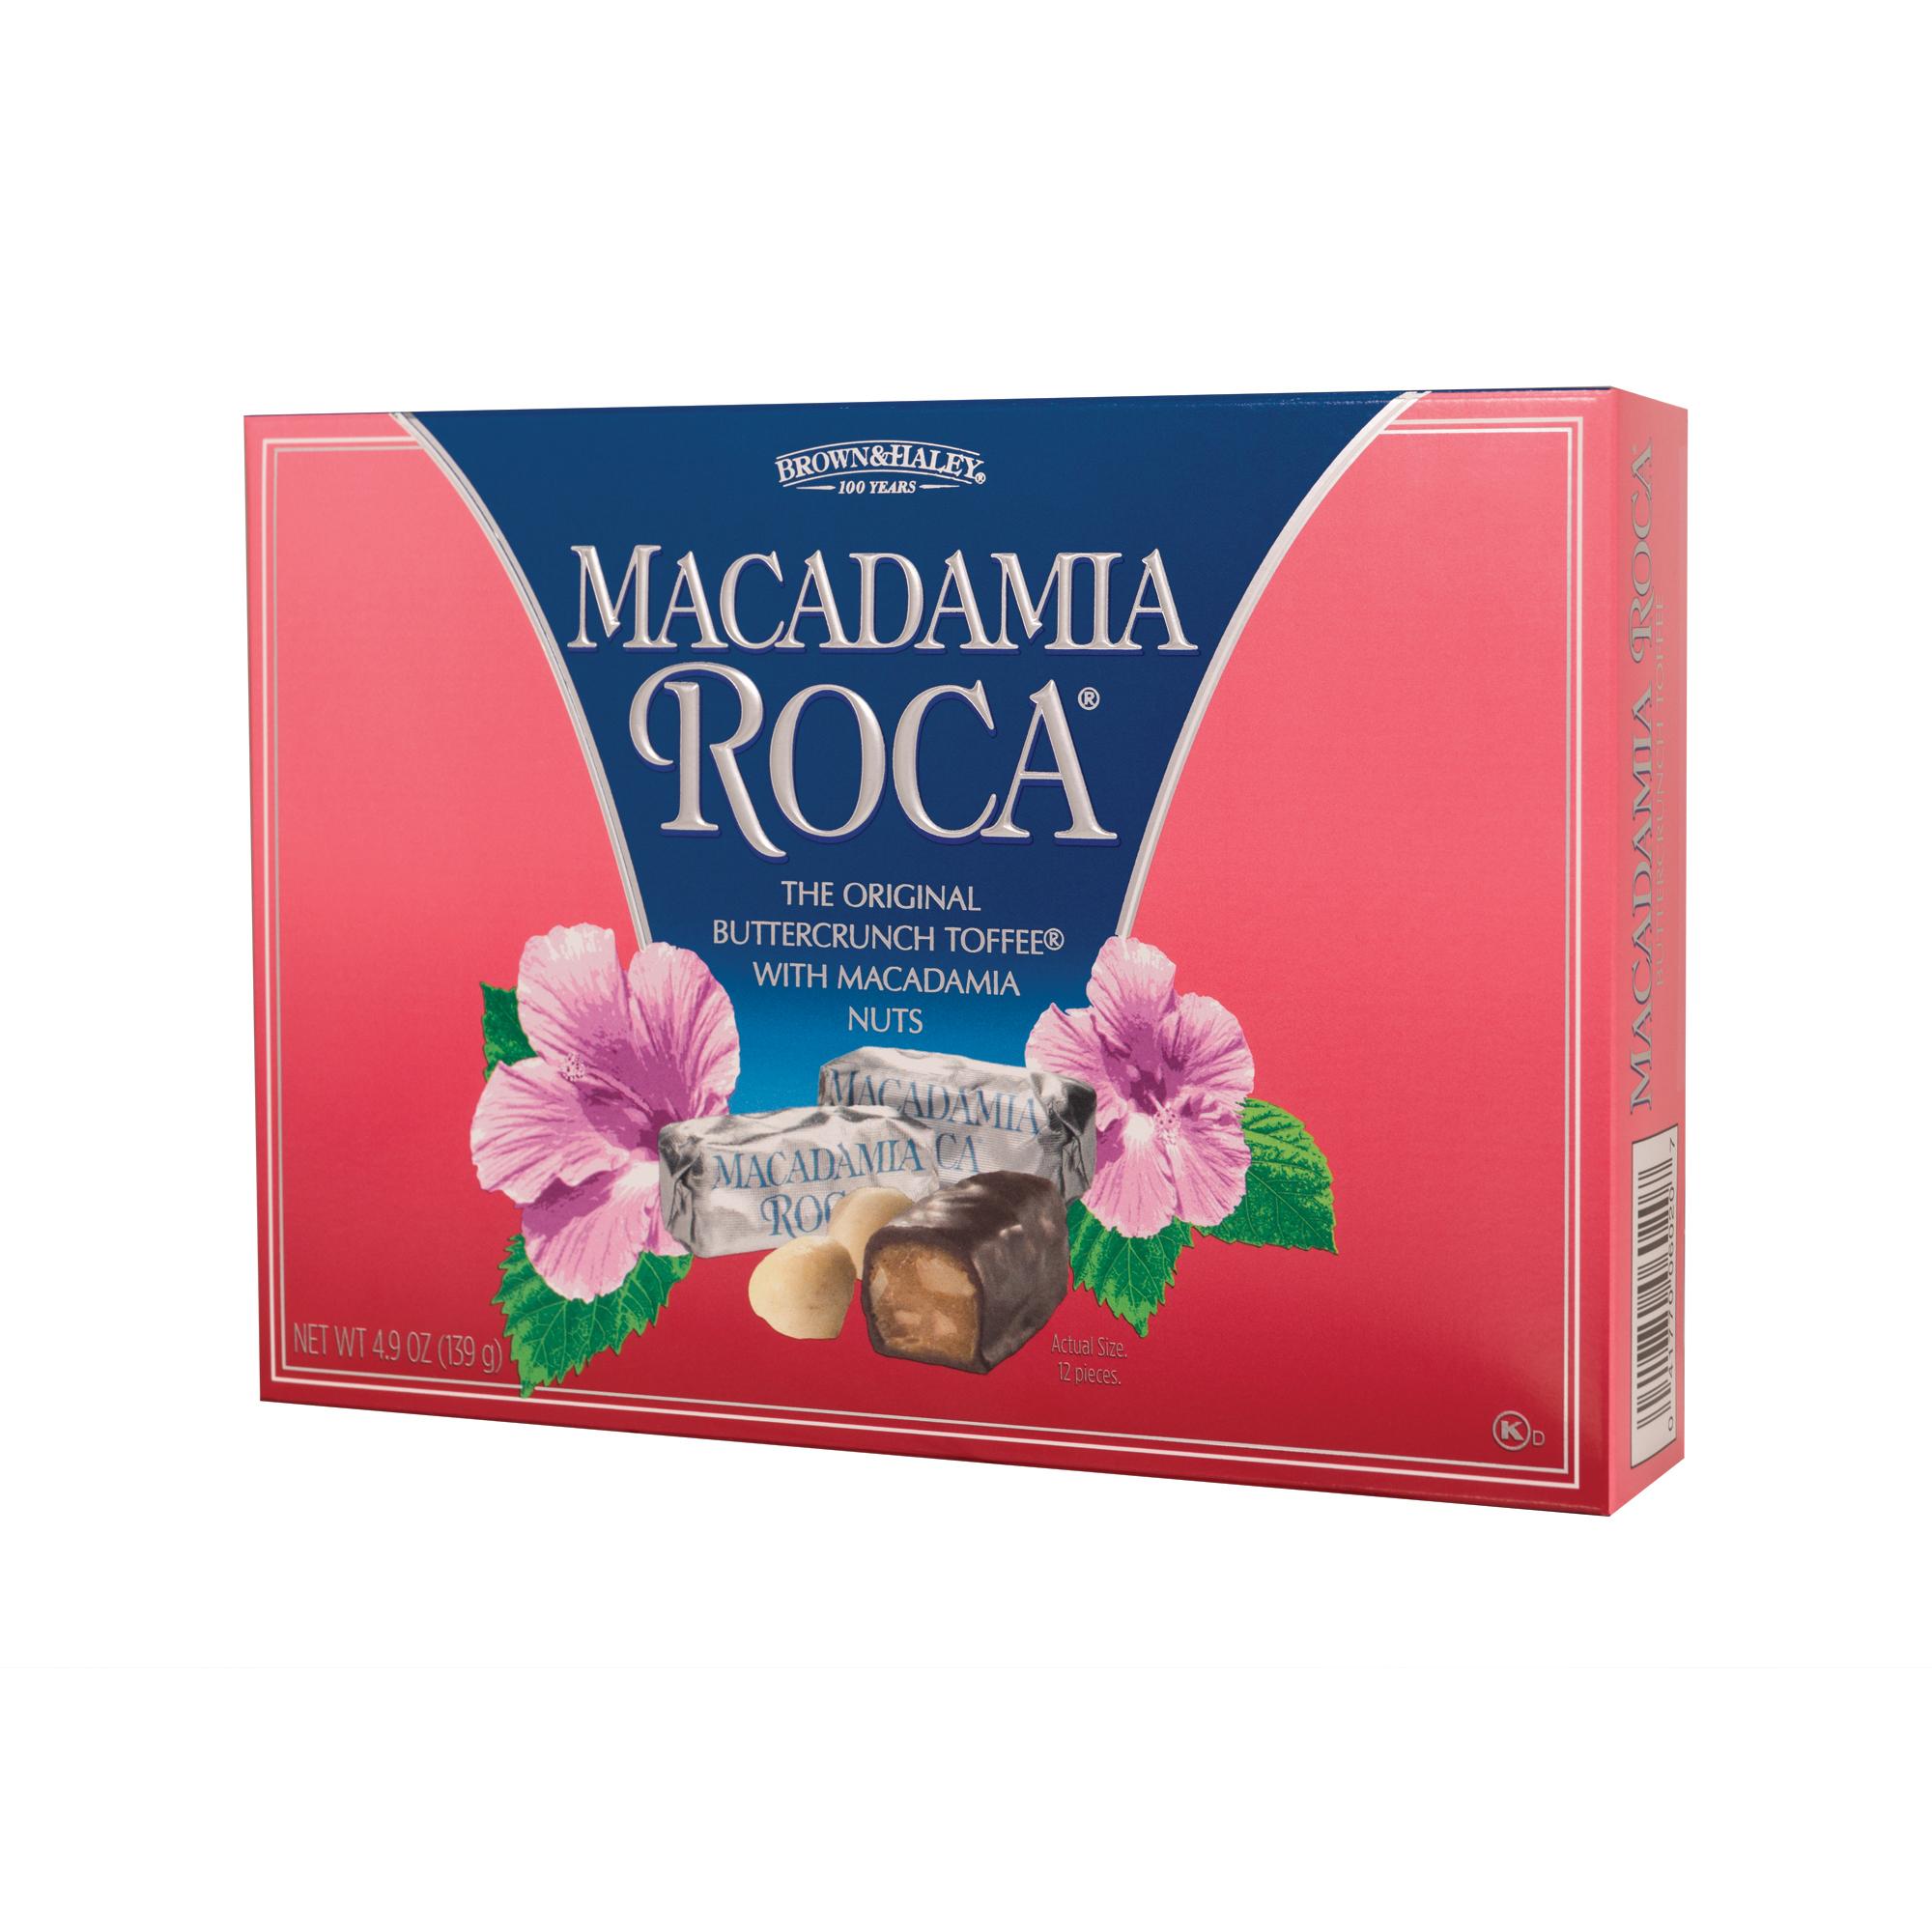 0602 4.9 oz MACADAMIA ROCA® Gift Box - Left-facing View